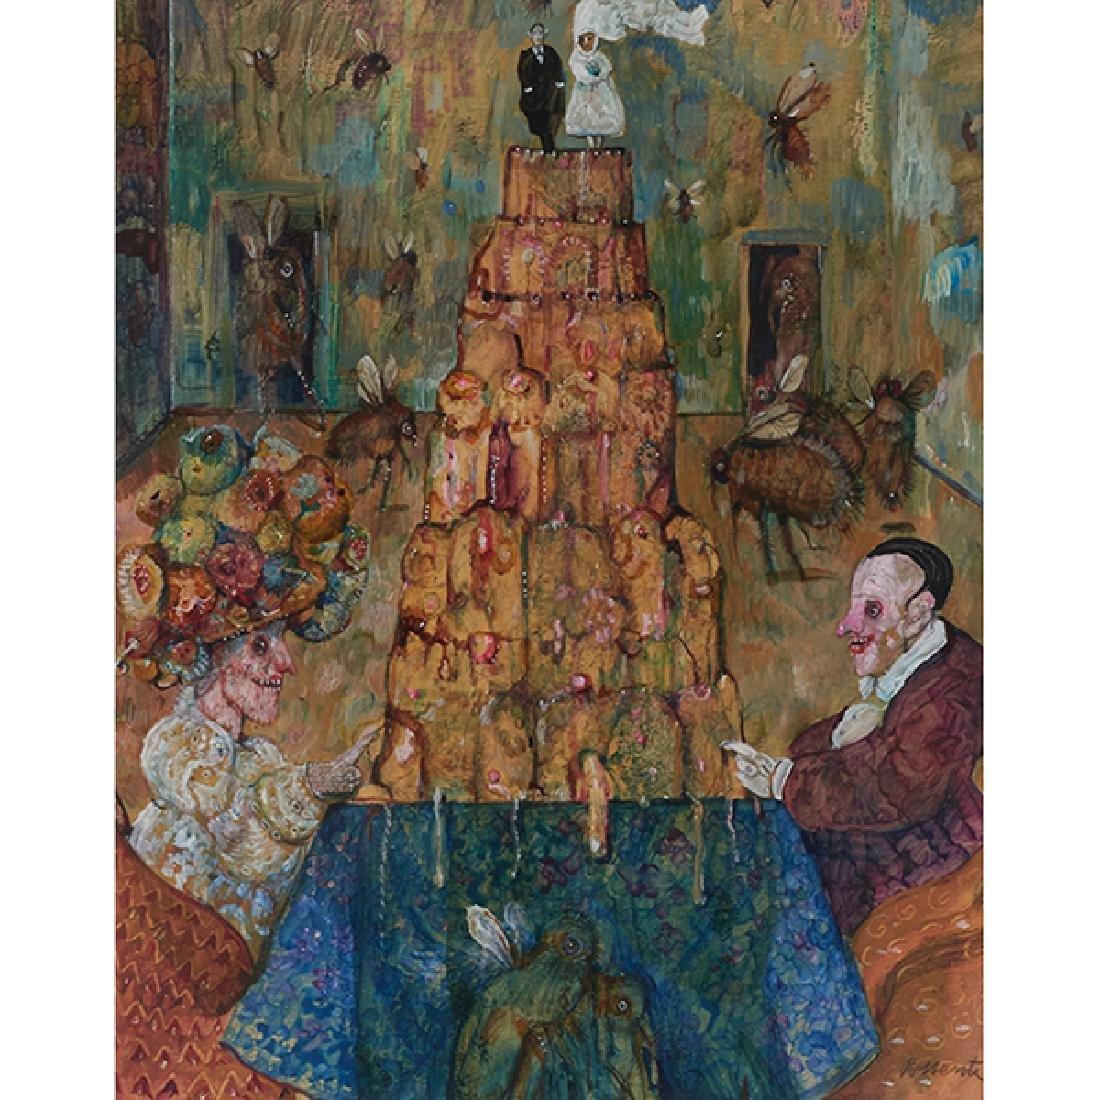 Antonio Possenti, (Italian, b. 1933), Anniversary Cake,